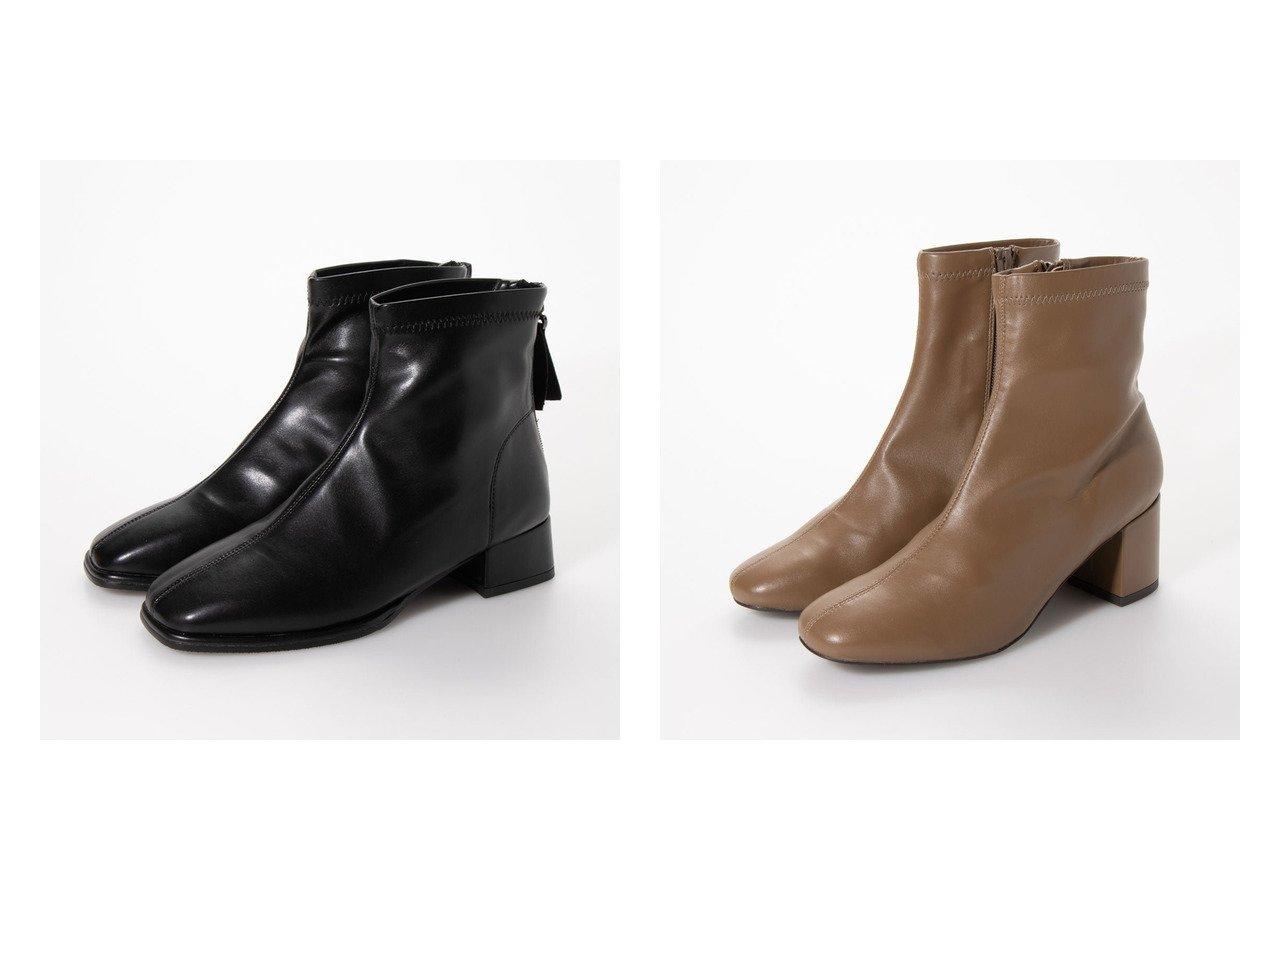 【ground green store/グラウンドグリーンストア】のスクエアトゥジップアップブーツ&【Agosto/アゴスト】のスクエアトゥストレッチ6cmチャンキーヒールブーツ シューズ・靴のおすすめ!人気、レディースファッションの通販  おすすめで人気のファッション通販商品 インテリア・家具・キッズファッション・メンズファッション・レディースファッション・服の通販 founy(ファニー) https://founy.com/ ファッション Fashion レディース WOMEN ジップアップ スタイリッシュ ソックス フィット 冬 Winter 楽ちん クッション スクエア ストレッチ 今季 |ID:crp329100000004112